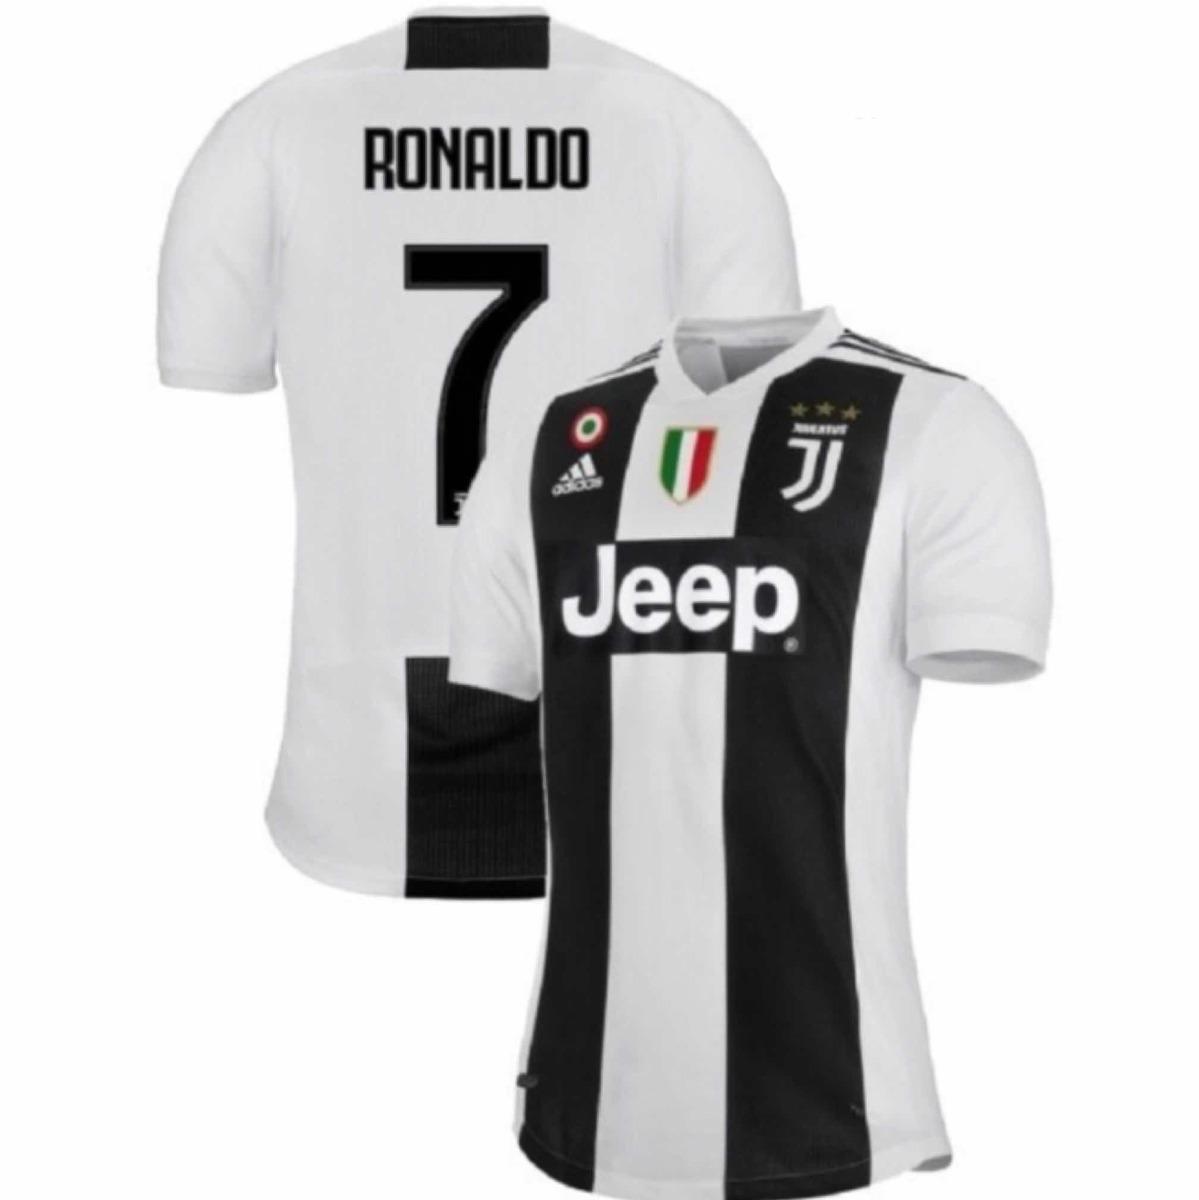 camiseta oficial juventus local 18 19 ronaldo cr7. Cargando zoom. aa74a6e97e667